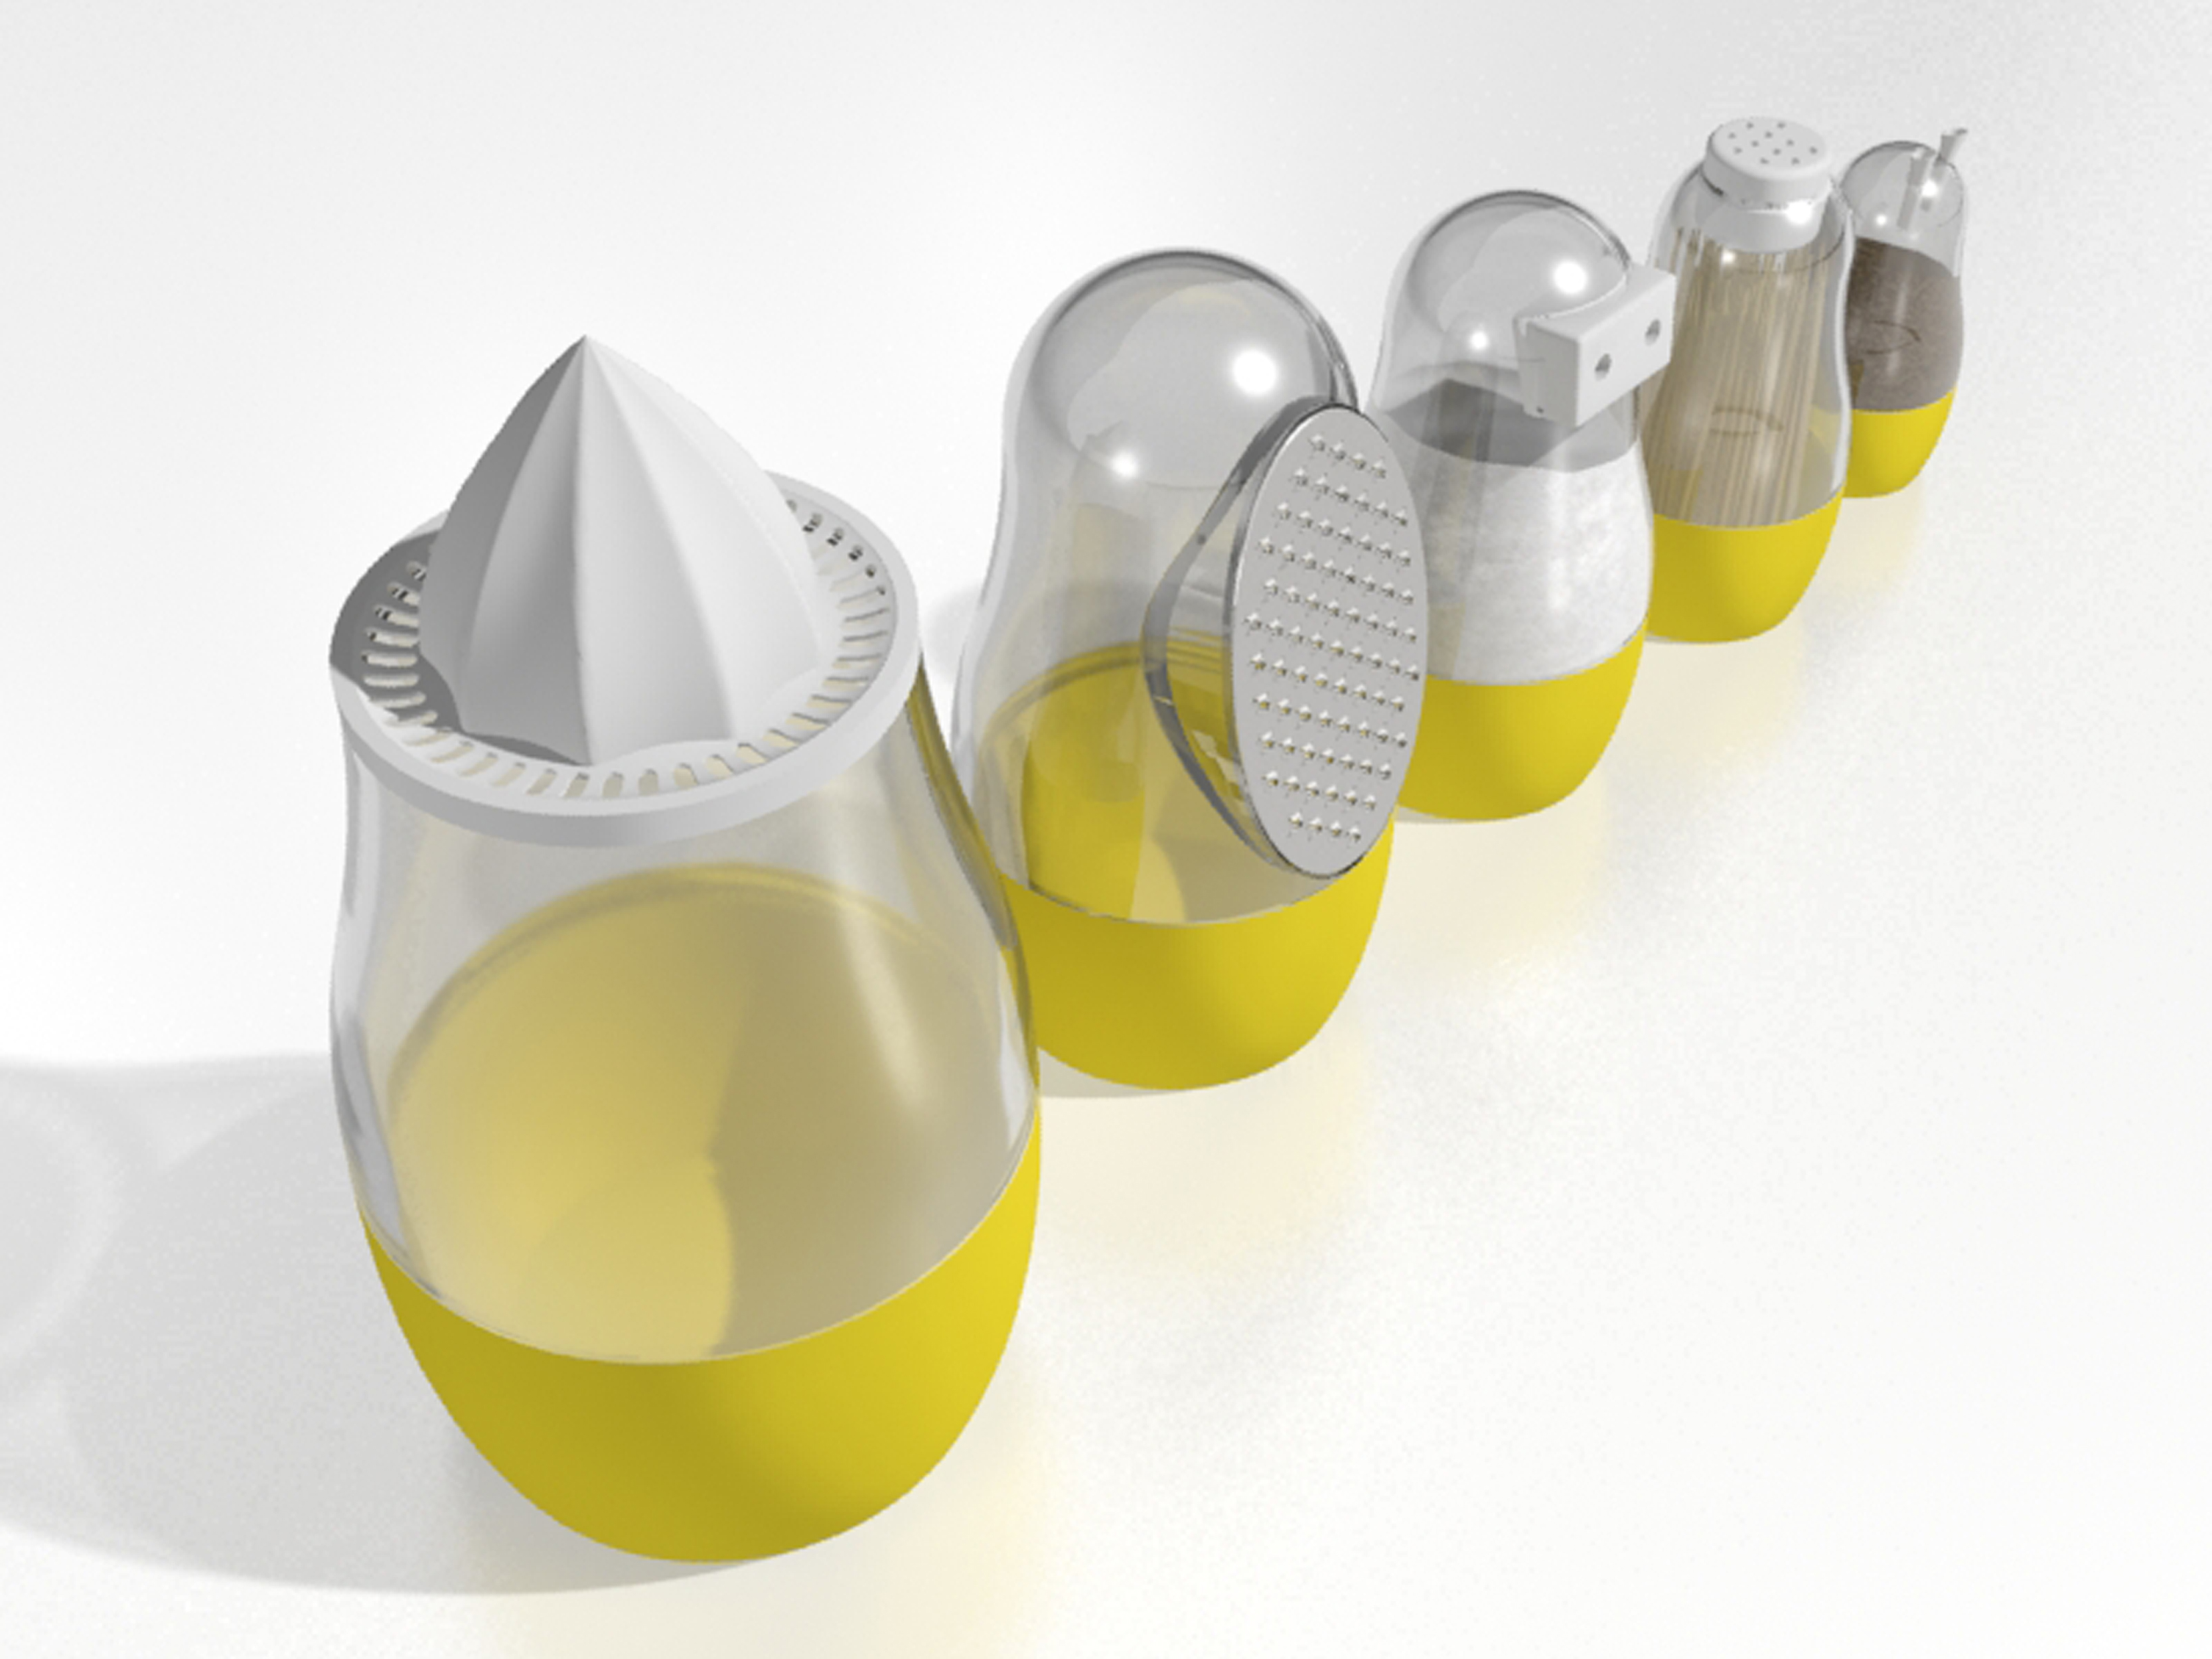 Matrycookshka utensilios de cocina domestika for Productos para cocina